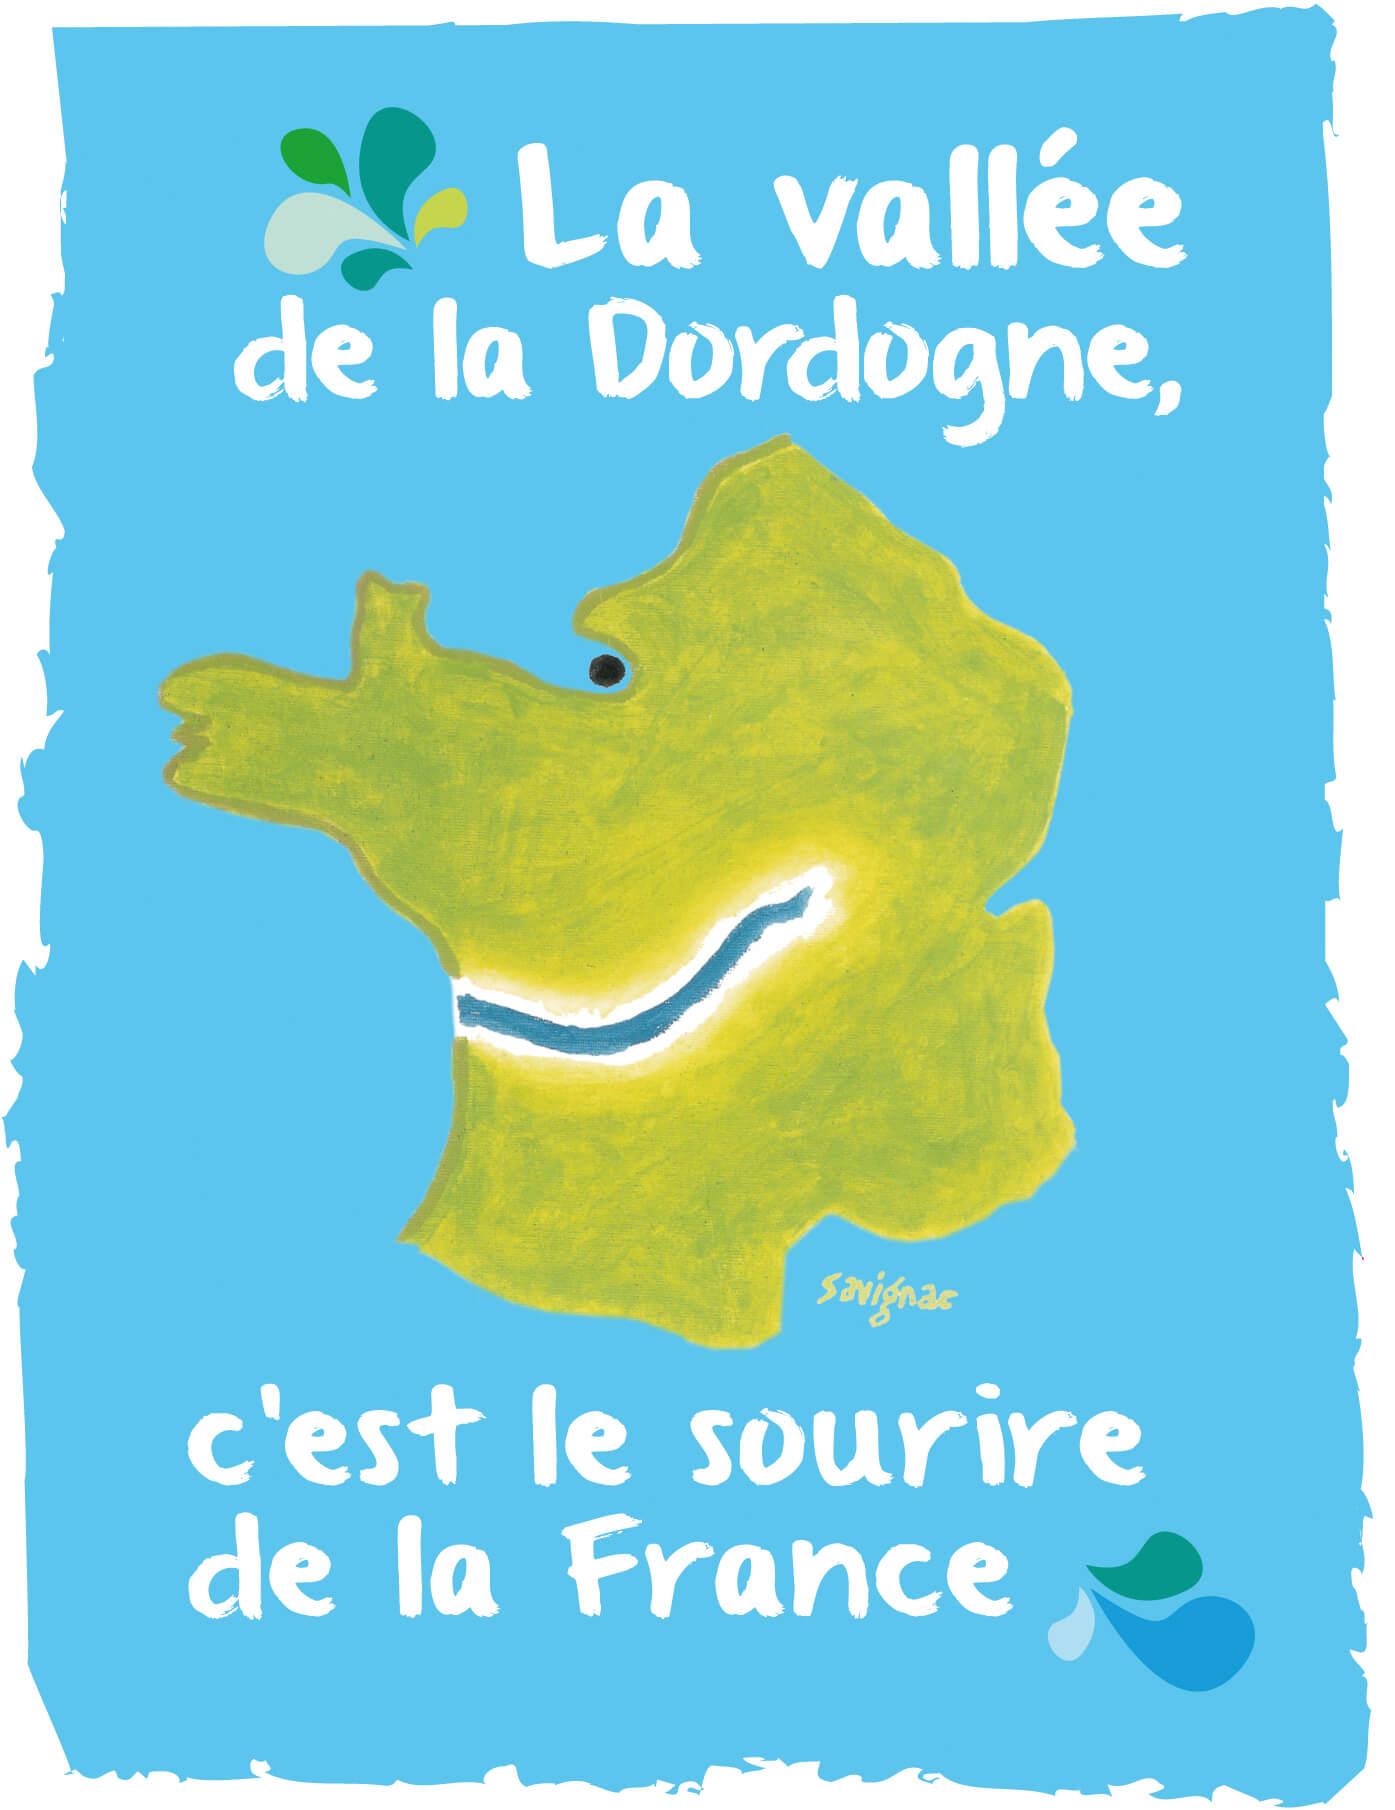 logo Dordogne sourire de la France